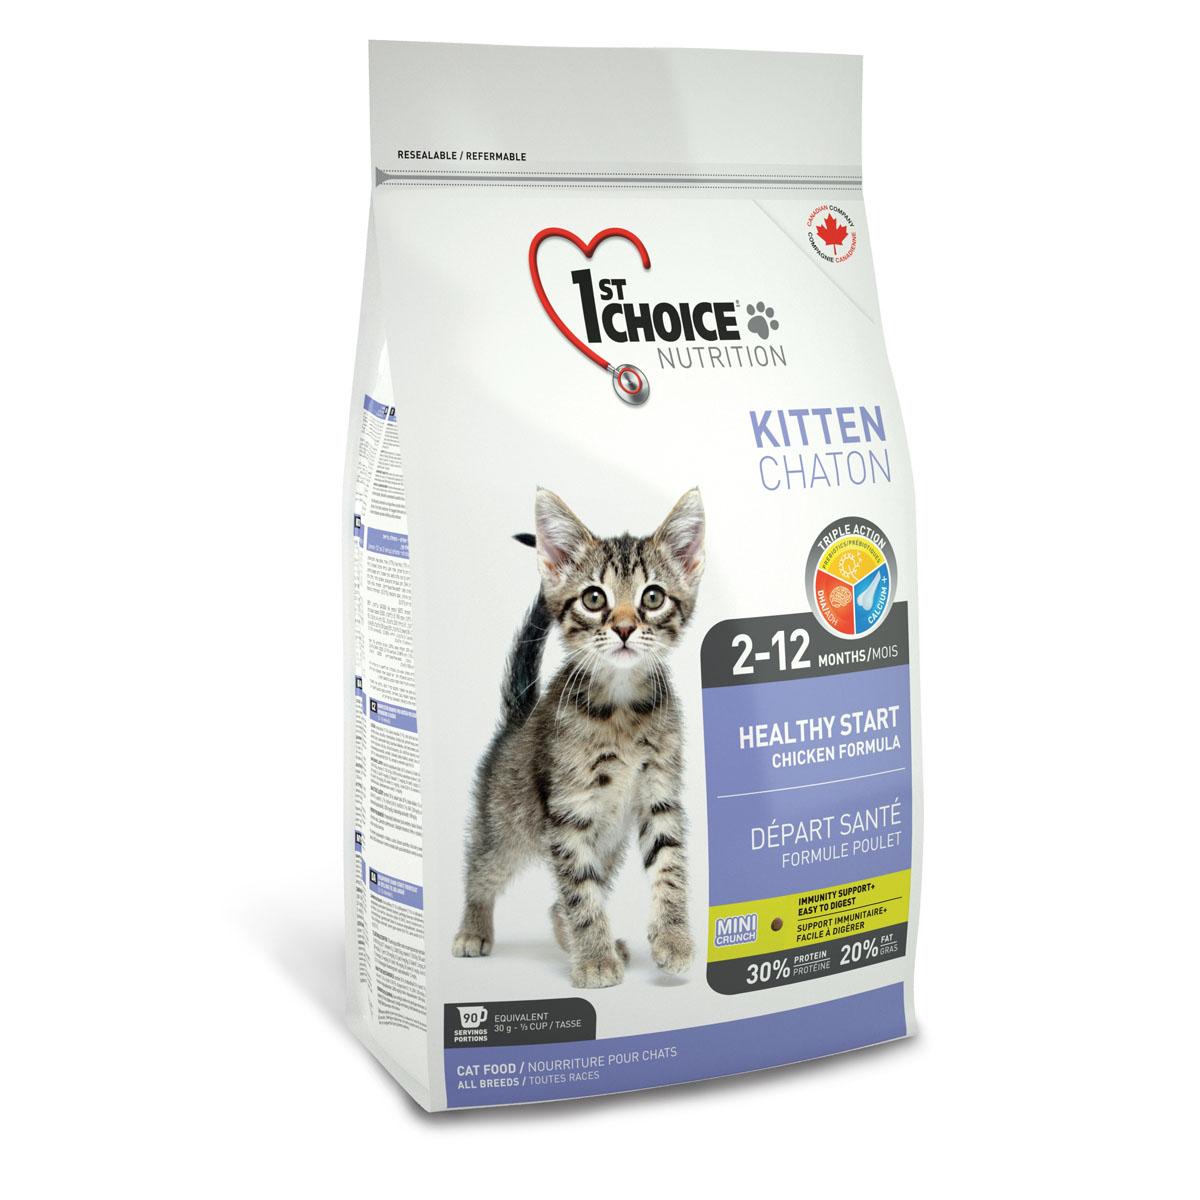 Корм сухой 1st Choice Kitten для котят, с курицей, 5,44 кг56857Сухой корм 1st Choice Kitten - идеальная формула для начального прикорма котенка с 2 месяцев, когда он нуждается в новых источниках питания вместо материнского молока. При этом нет необходимости разделять котенка с мамой. Корм содержит все необходимое не только для растущего организма, но и для беременных и кормящих кошек. Оптимальное питание для старта в здоровую жизнь. Помогает сохранить идеальную кондицию и оптимальный вес. Идеальный рН-баланс для здоровья мочевыделительной системы. Содержит экстракт юкки Шидигера, которая связывает аммиак и уменьшает запах экскрементов. Состав: свежая курица 17%, мука из мяса курицы 17%, рис, куриный жир, сохраненный смесью натуральных токоферолов (витамин Е), гороховый протеин, сушеное яйцо, мука из американской сельди (менхаден), коричневый рис, специально обработанные ядра ячменя и овса, гидролизат куриной печени, мякоть свеклы, клетчатка гороха, цельное семя льна, жир лосося (источник DHA), сушеная мякоть томата, калия хлорид,...